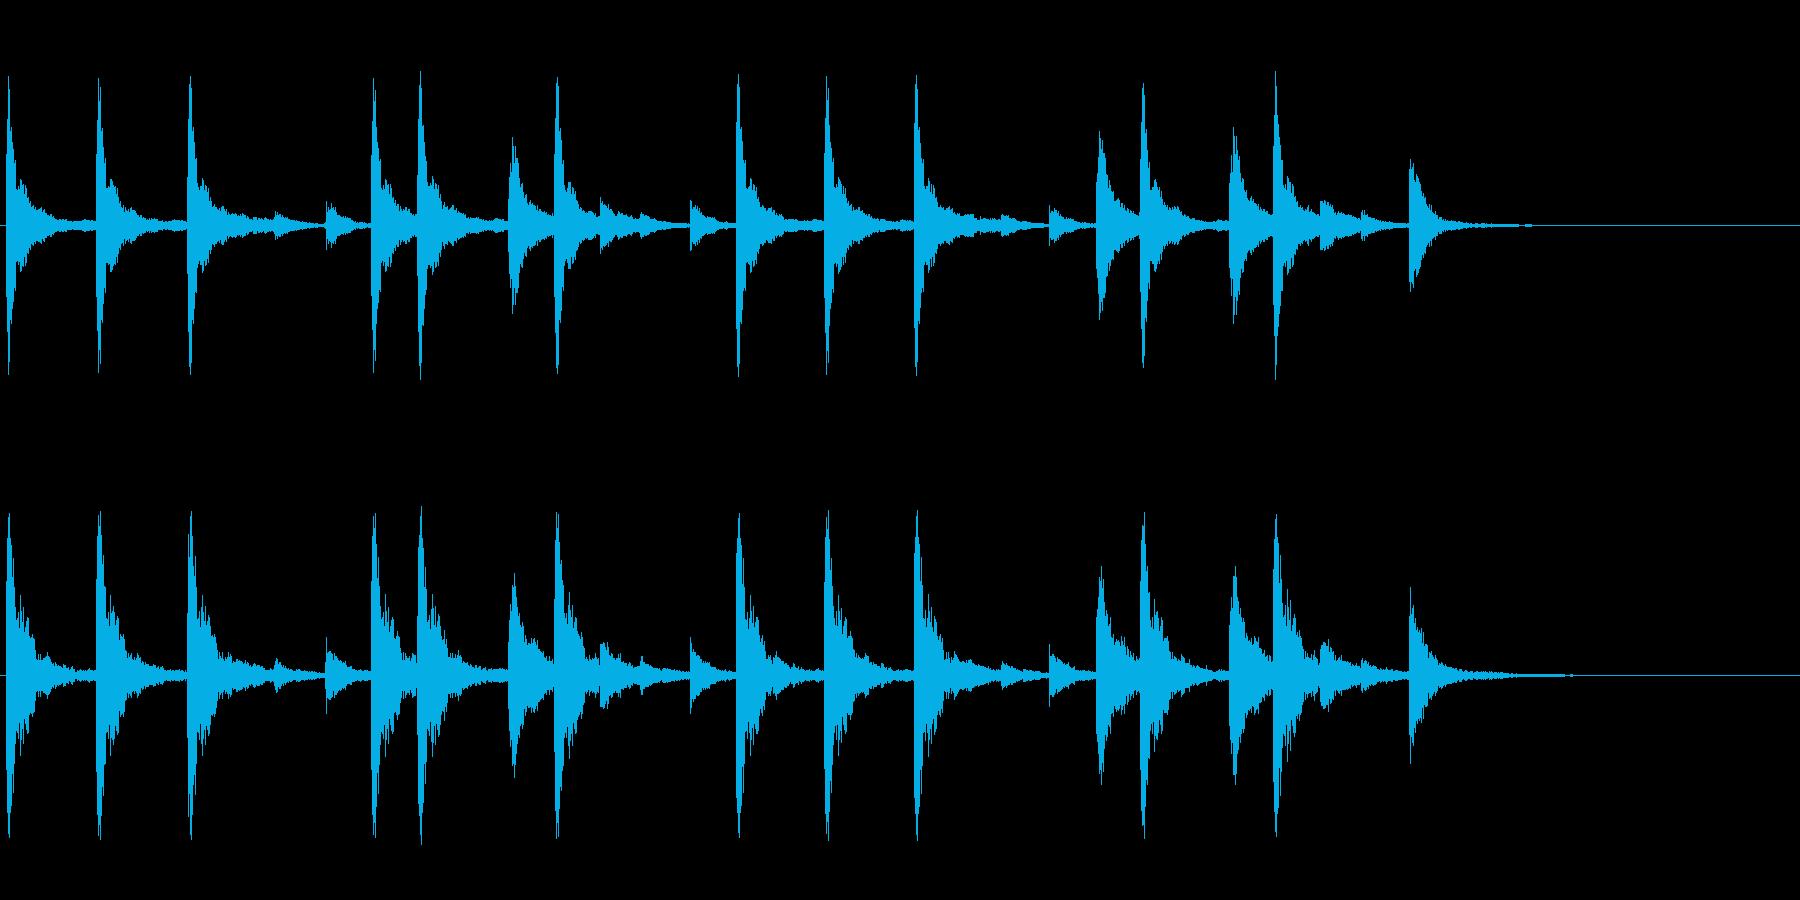 お祭りお囃子の当たり鉦のフレーズ音+FXの再生済みの波形